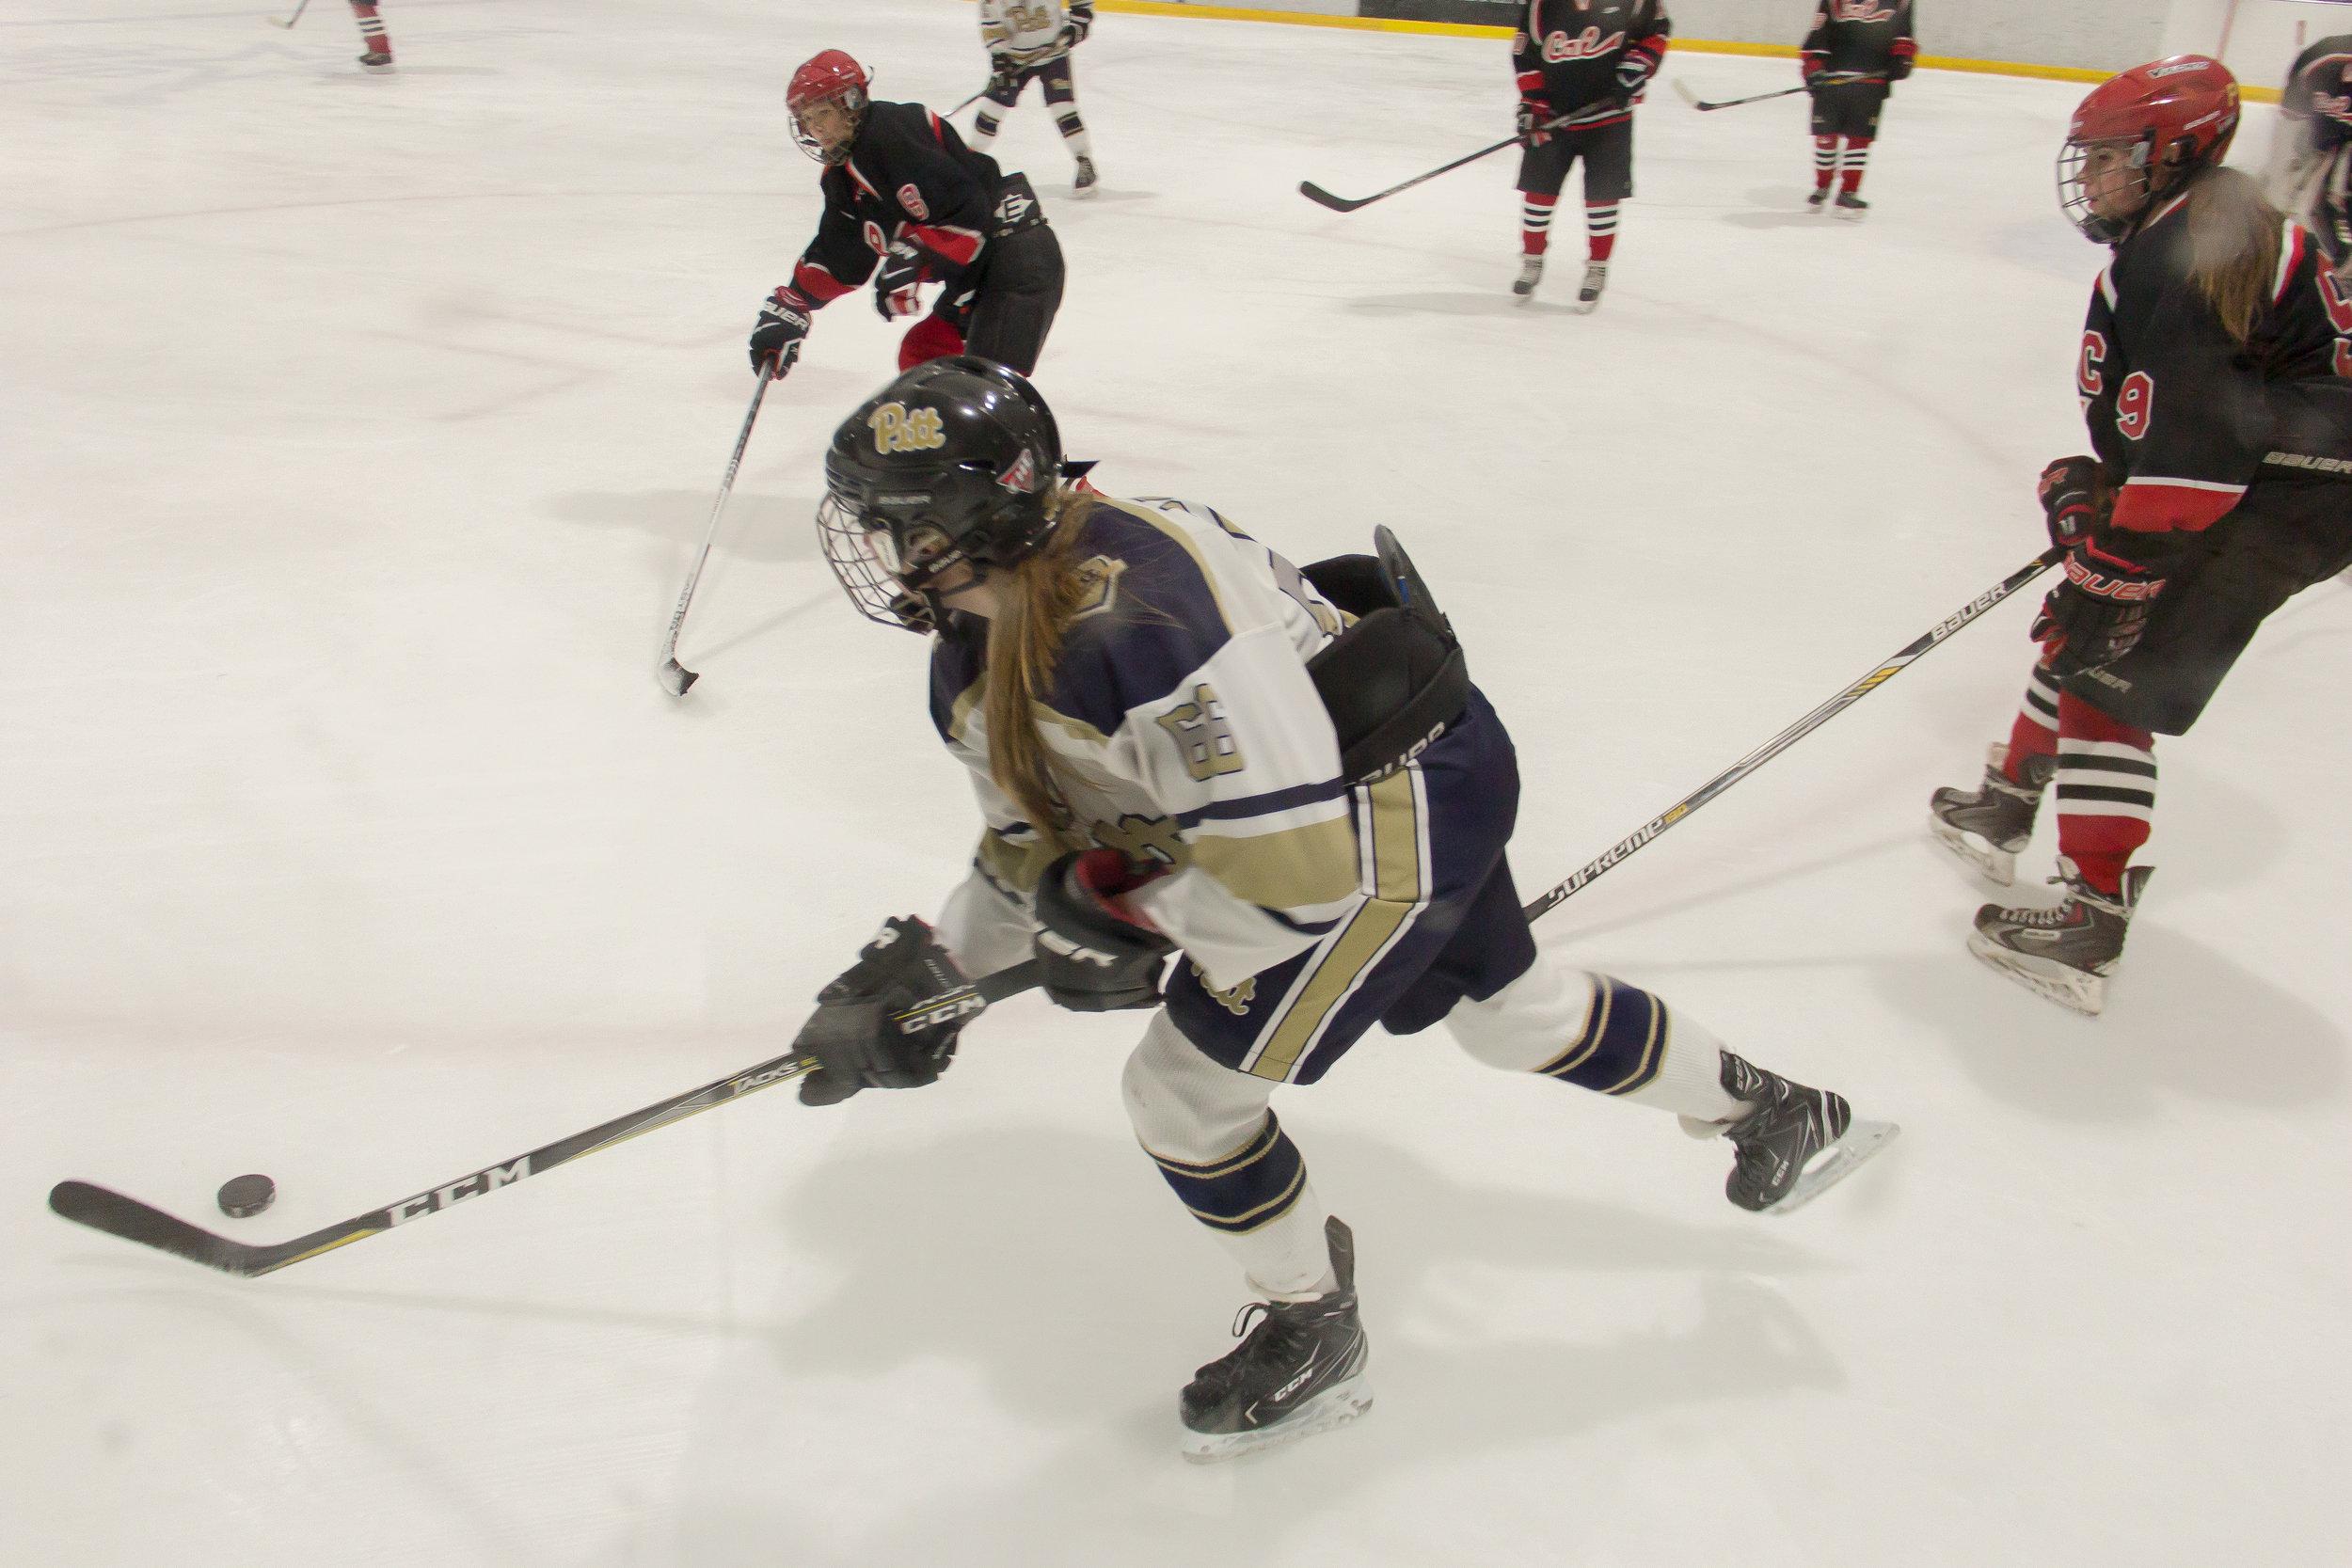 PittHockey-2.jpg